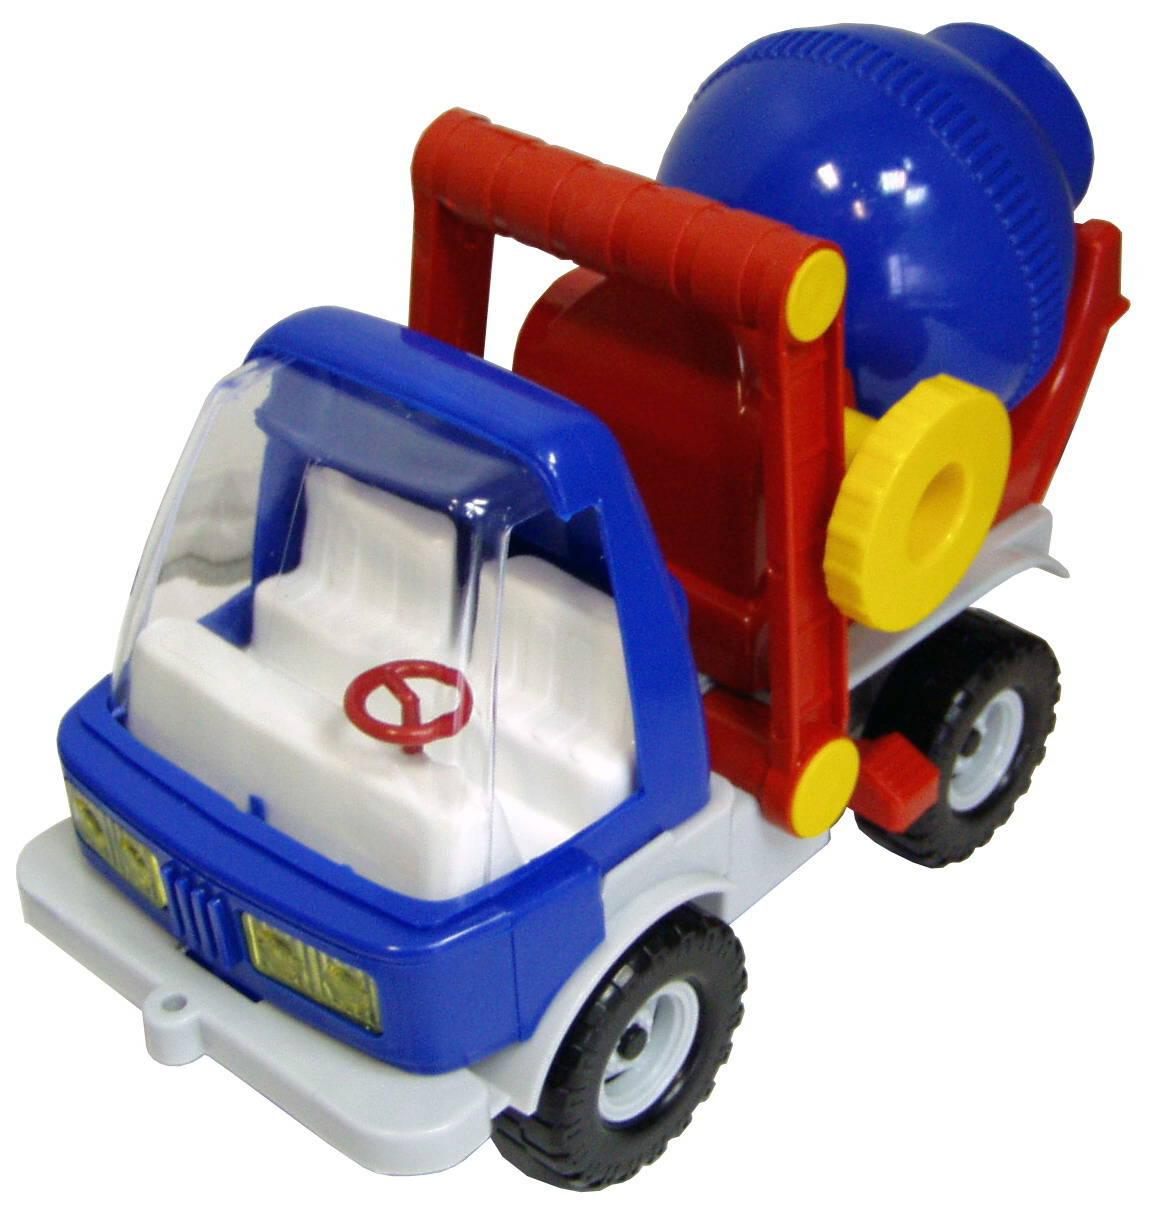 Автомобиль строительный – Бетономешалка, 30 смБетономешалки, строительная техника<br>Автомобиль строительный – Бетономешалка, 30 см<br>